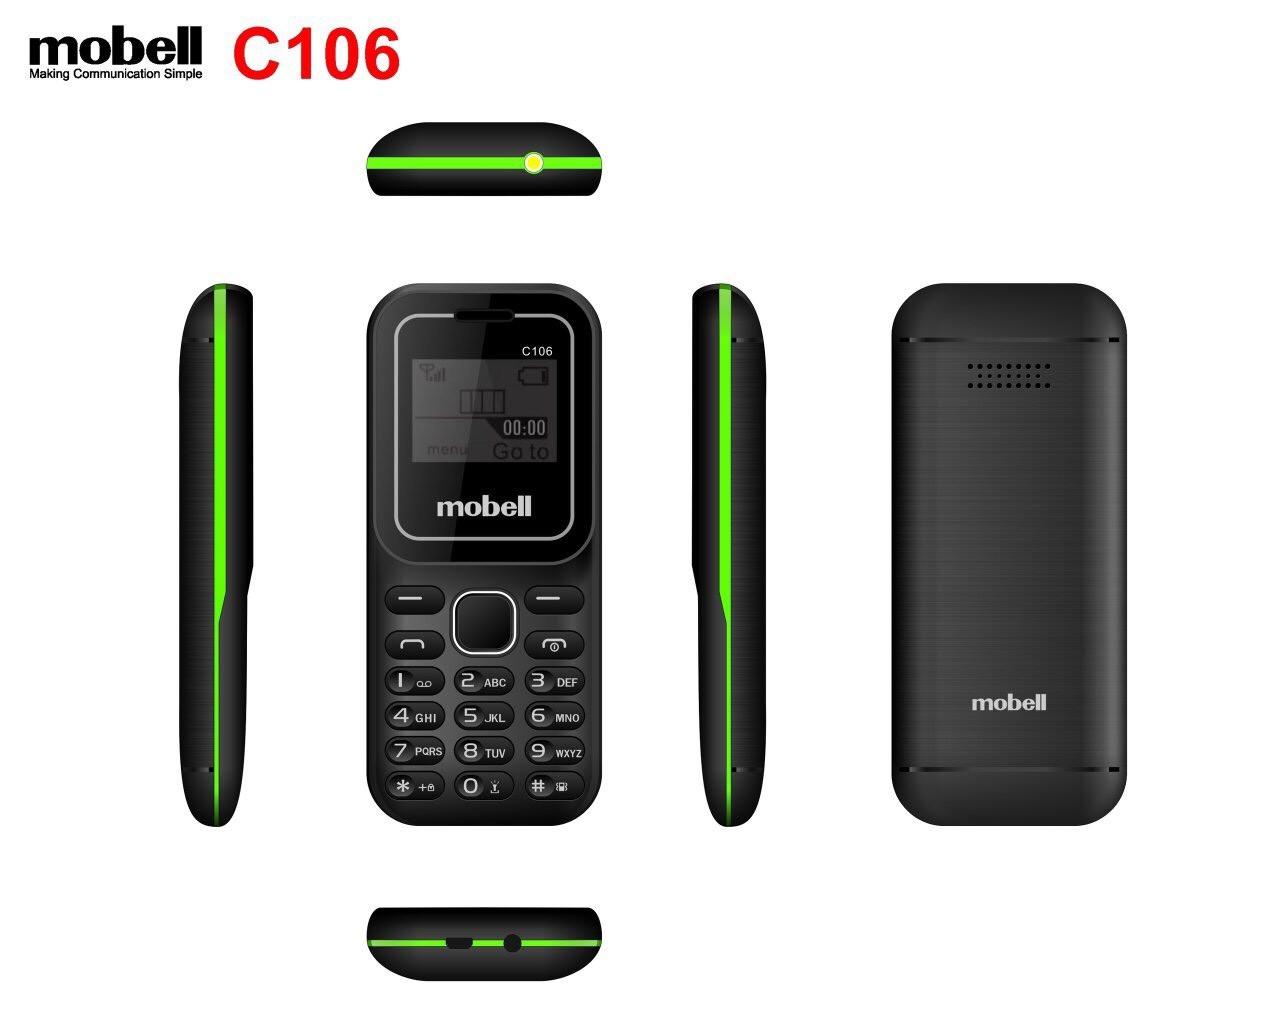 Điện thoại 2 sim Mobell C106 nghe nhạc mp3 nghe FM không cần tai nghe máy mới đầy đủ phụ kiện bảo hành hãng 12 tháng